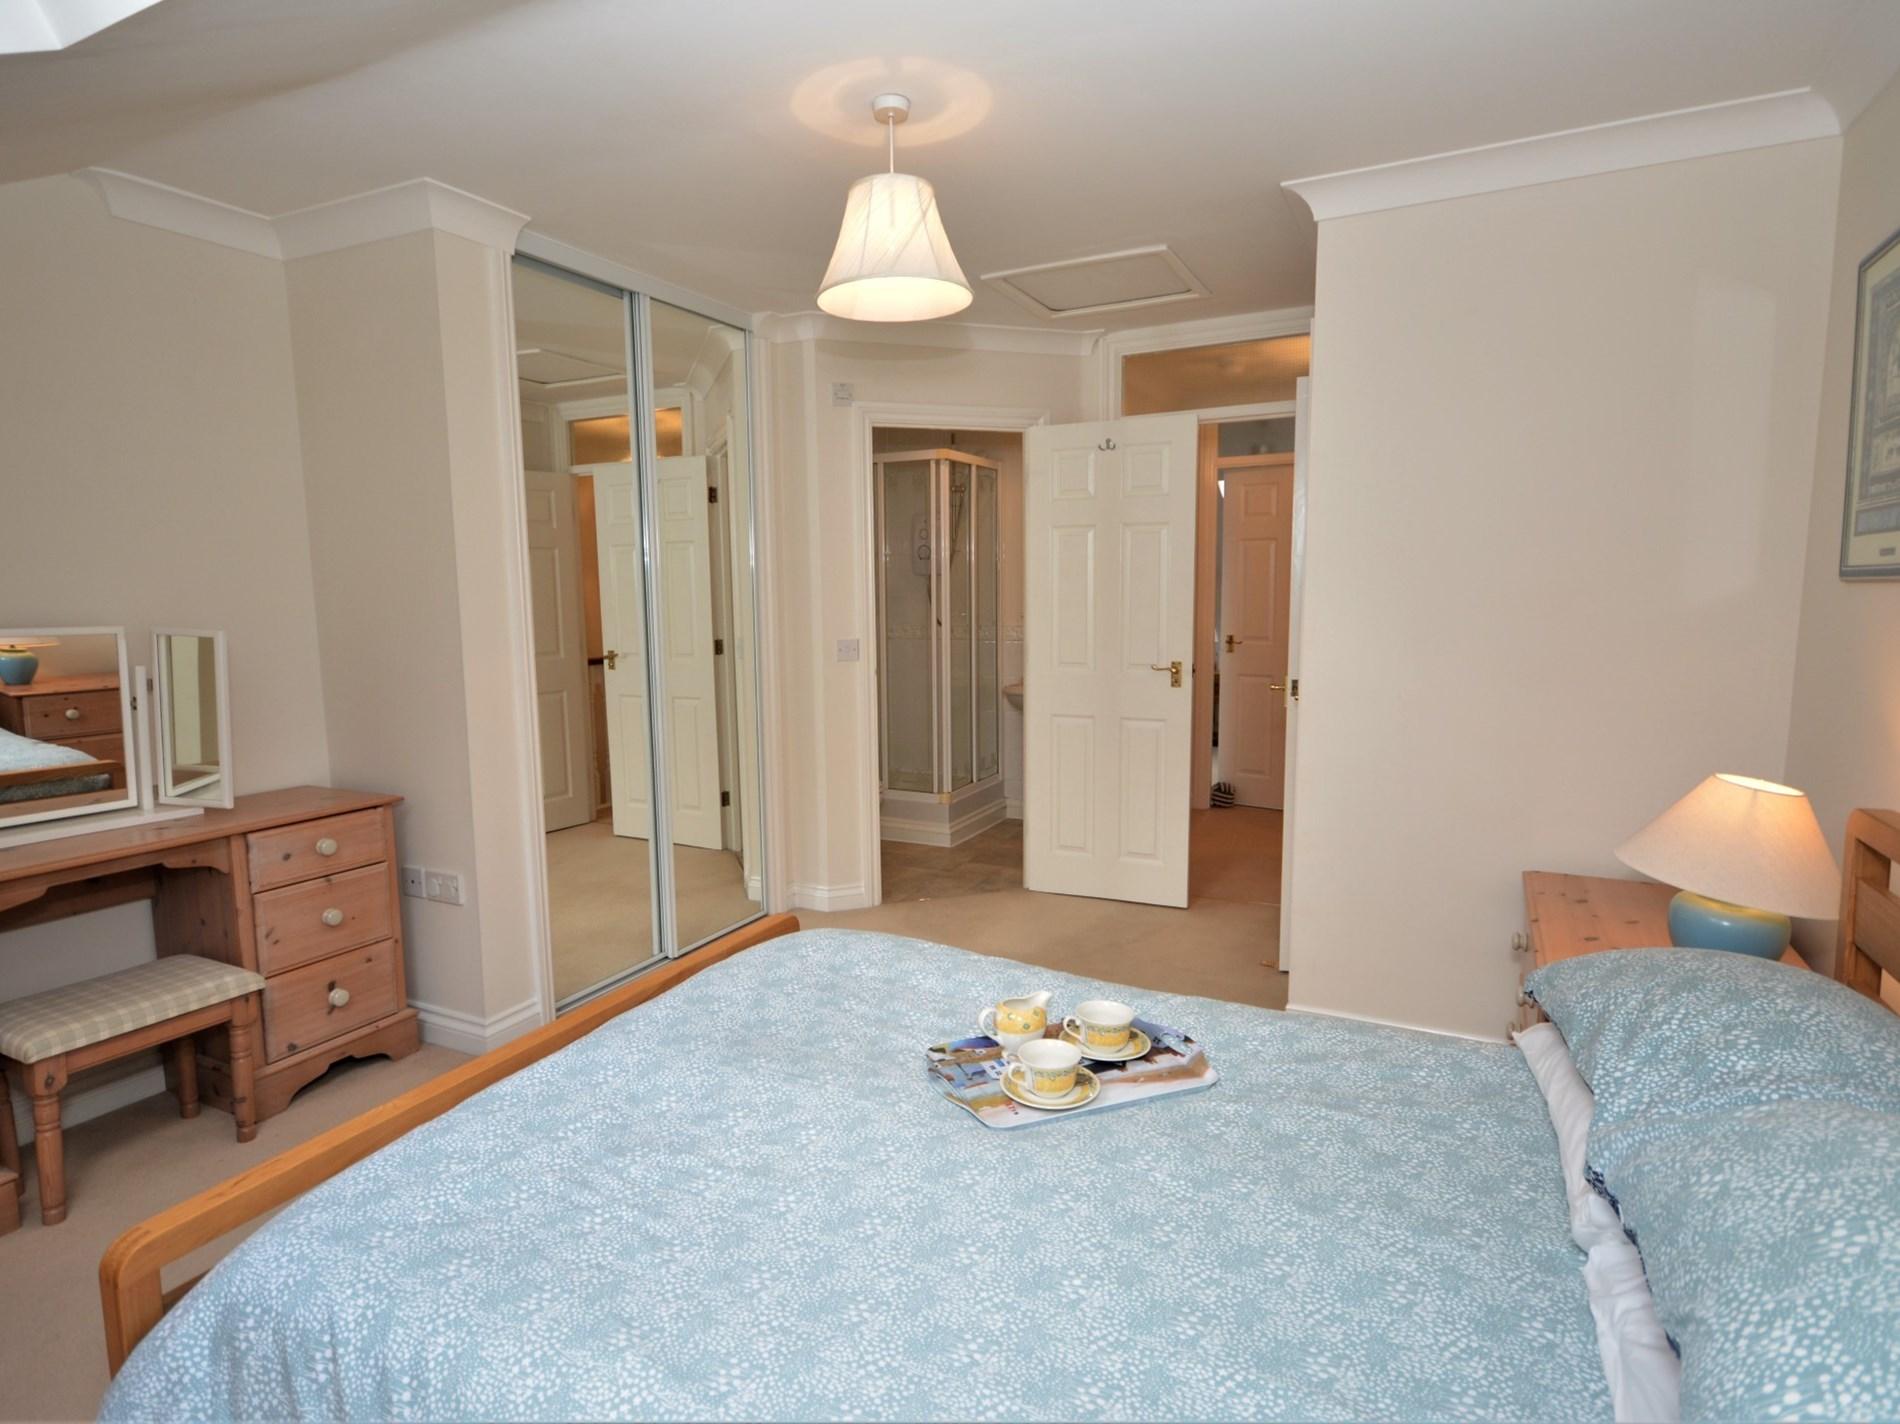 3 Bedroom Cottage in Torquay, Devon